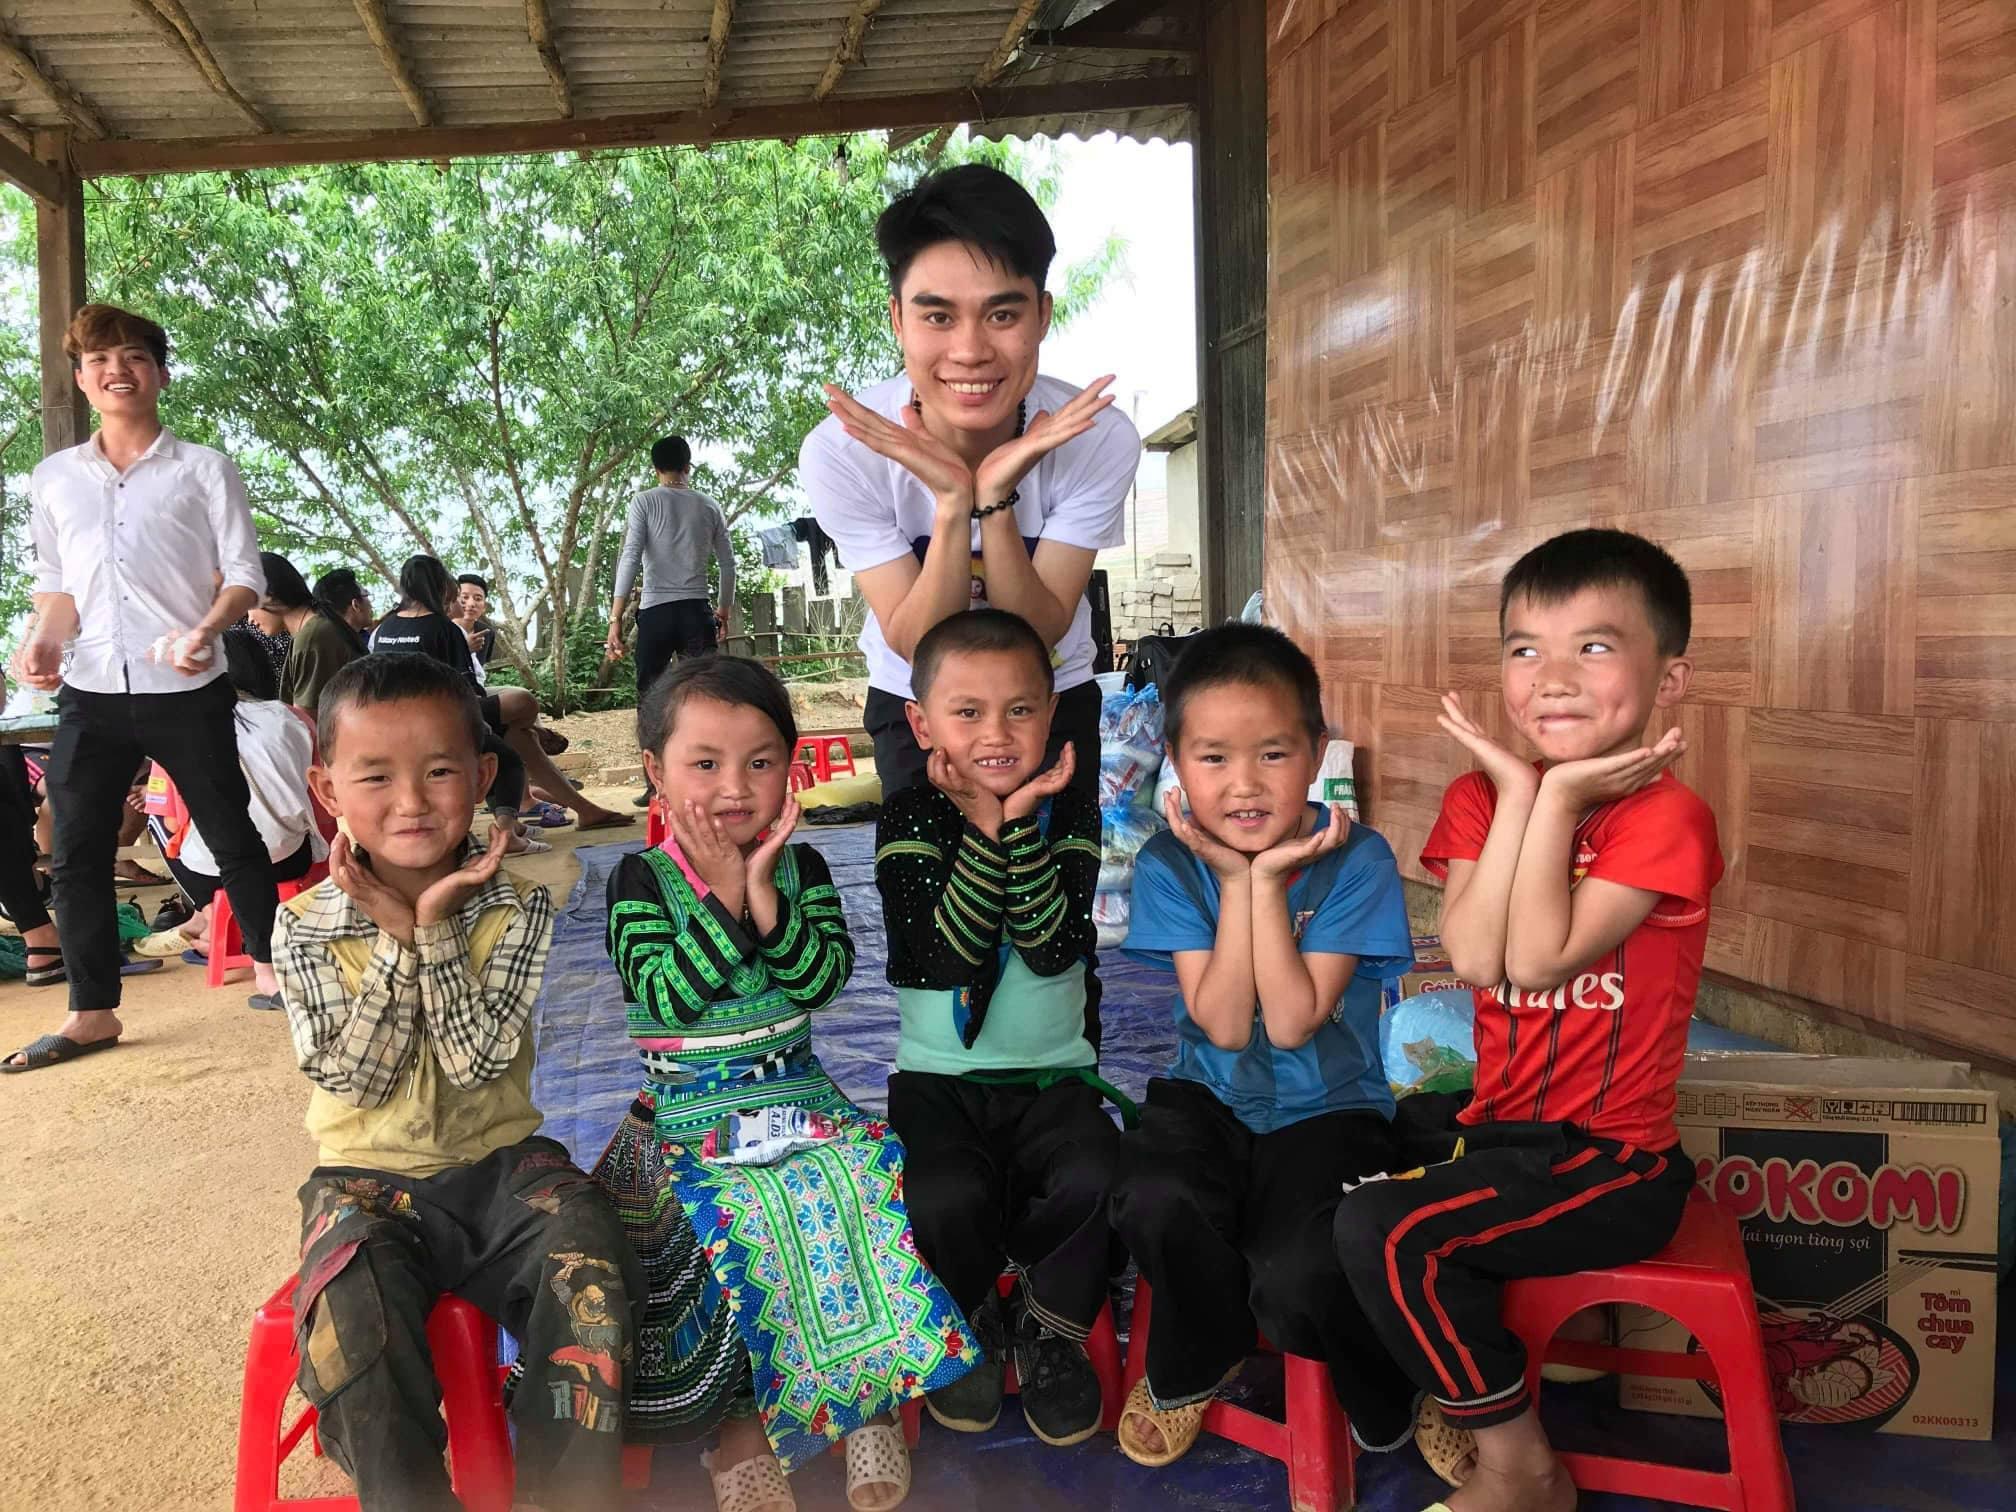 Thiện nguyện 2018 của Nhóm SVCG Hà Thành #4: Nụ cười nơi Tà Ghênh